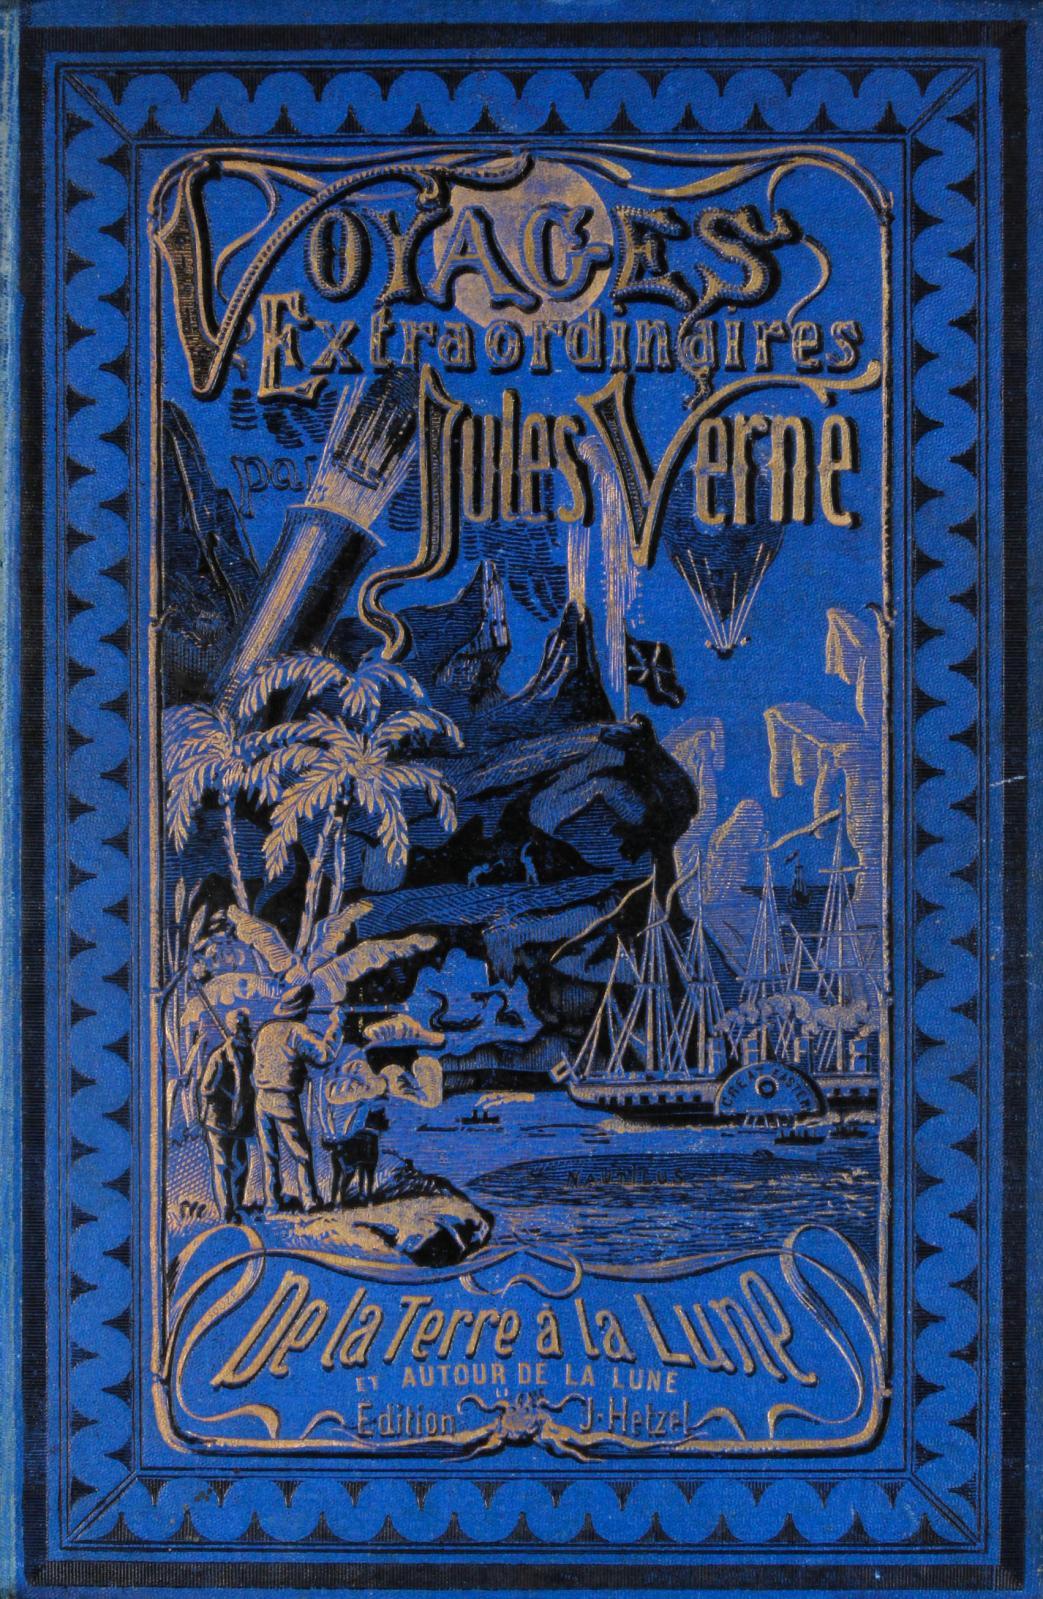 Jules Verne (1828-1905), De la Terre à la Lune, Autour de la Lune, volume double, cartonnage bleu de1872 à l'obus. Paris, Drouot-Richelieu, 23 novemb